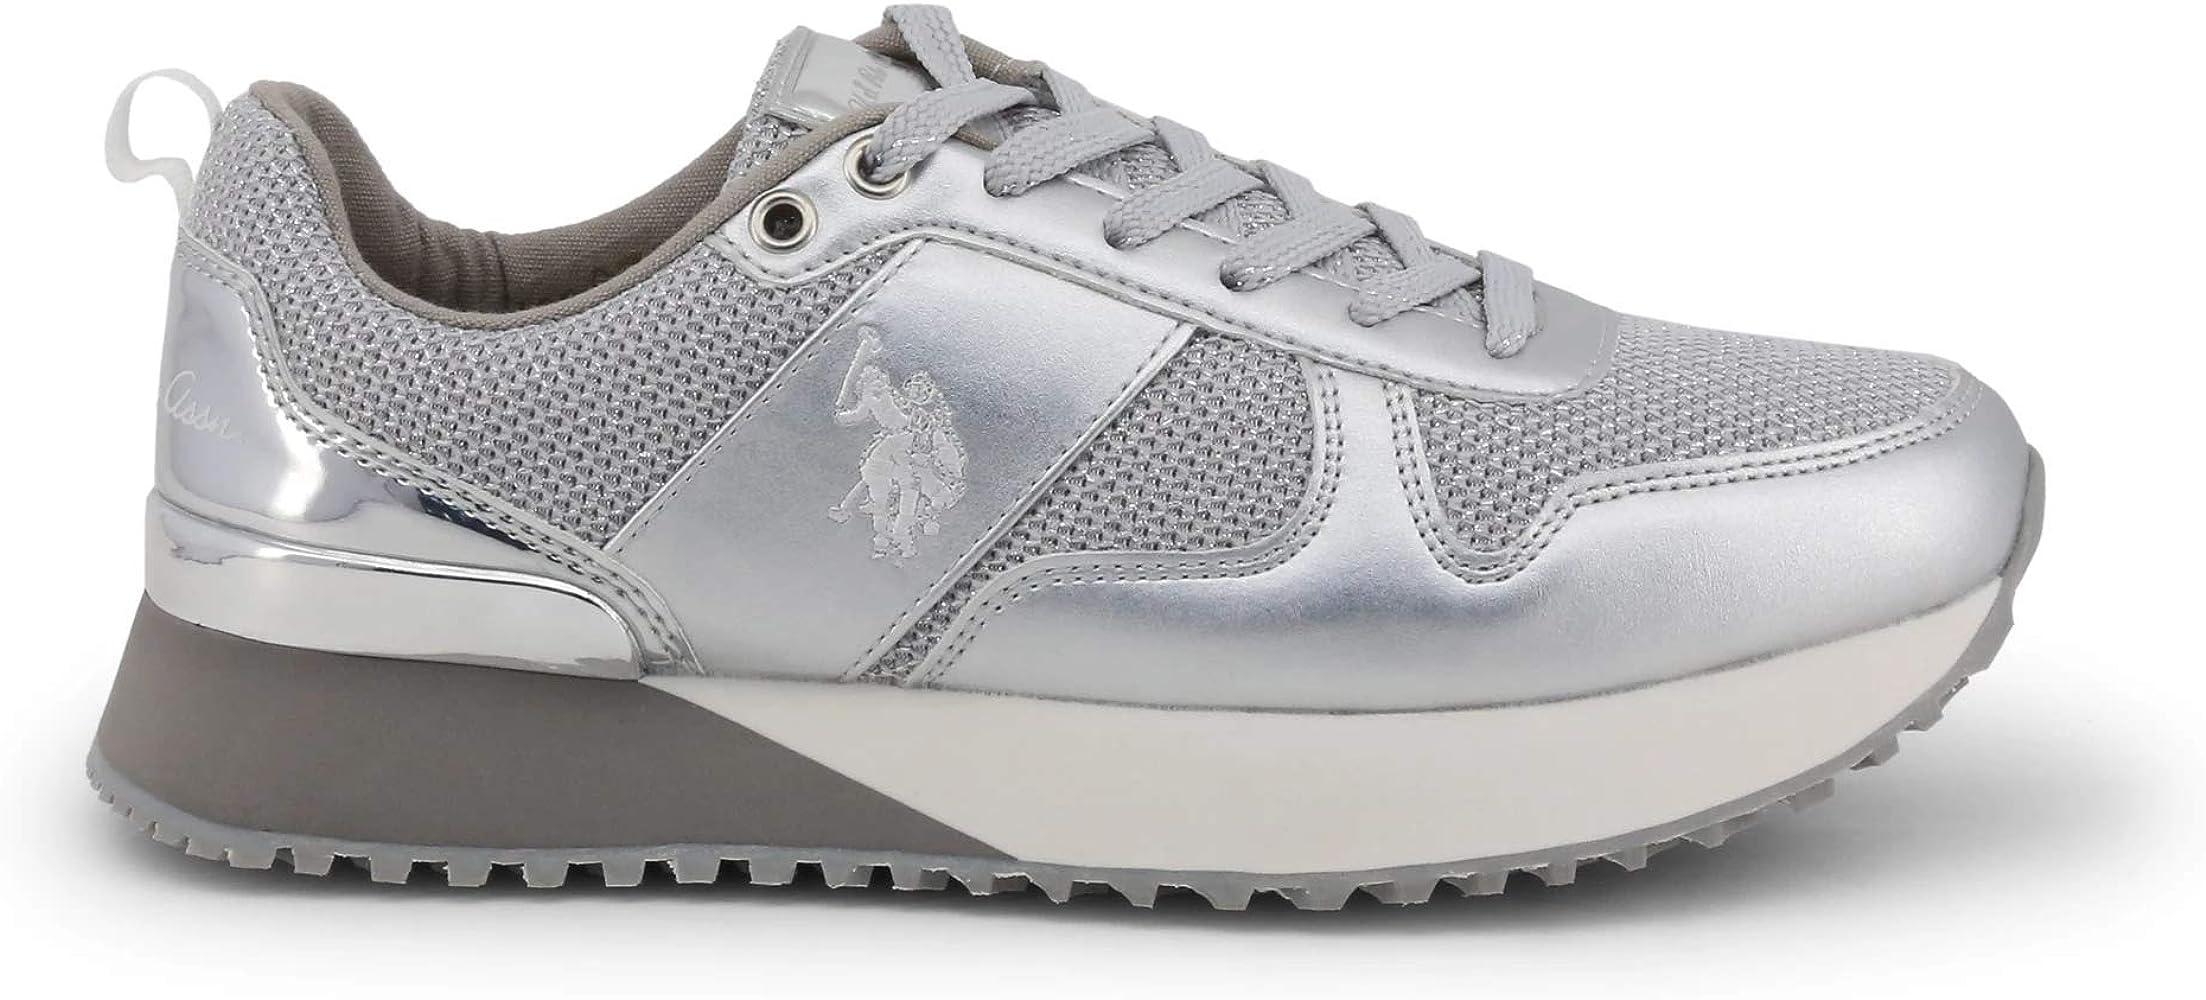 U.S. Polo Sneaker FRIDA4103W8_TY1 Mujer Color: Plateado Talla: 40 ...